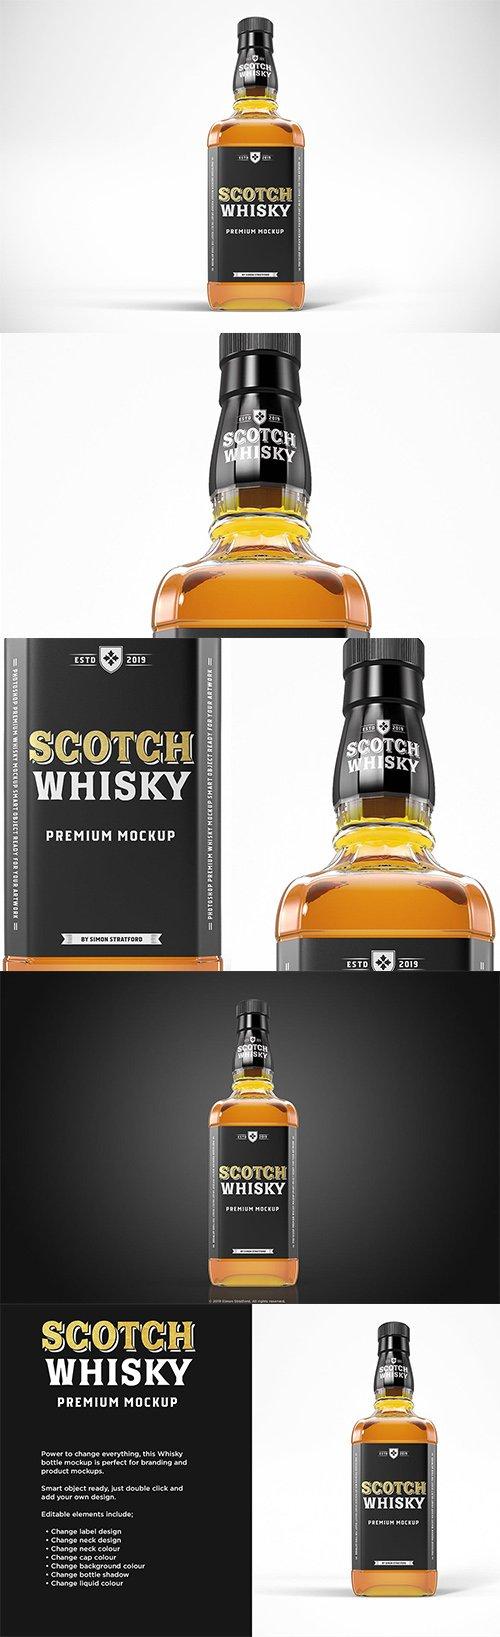 Scotch Whisky Bottle PSD Mockup